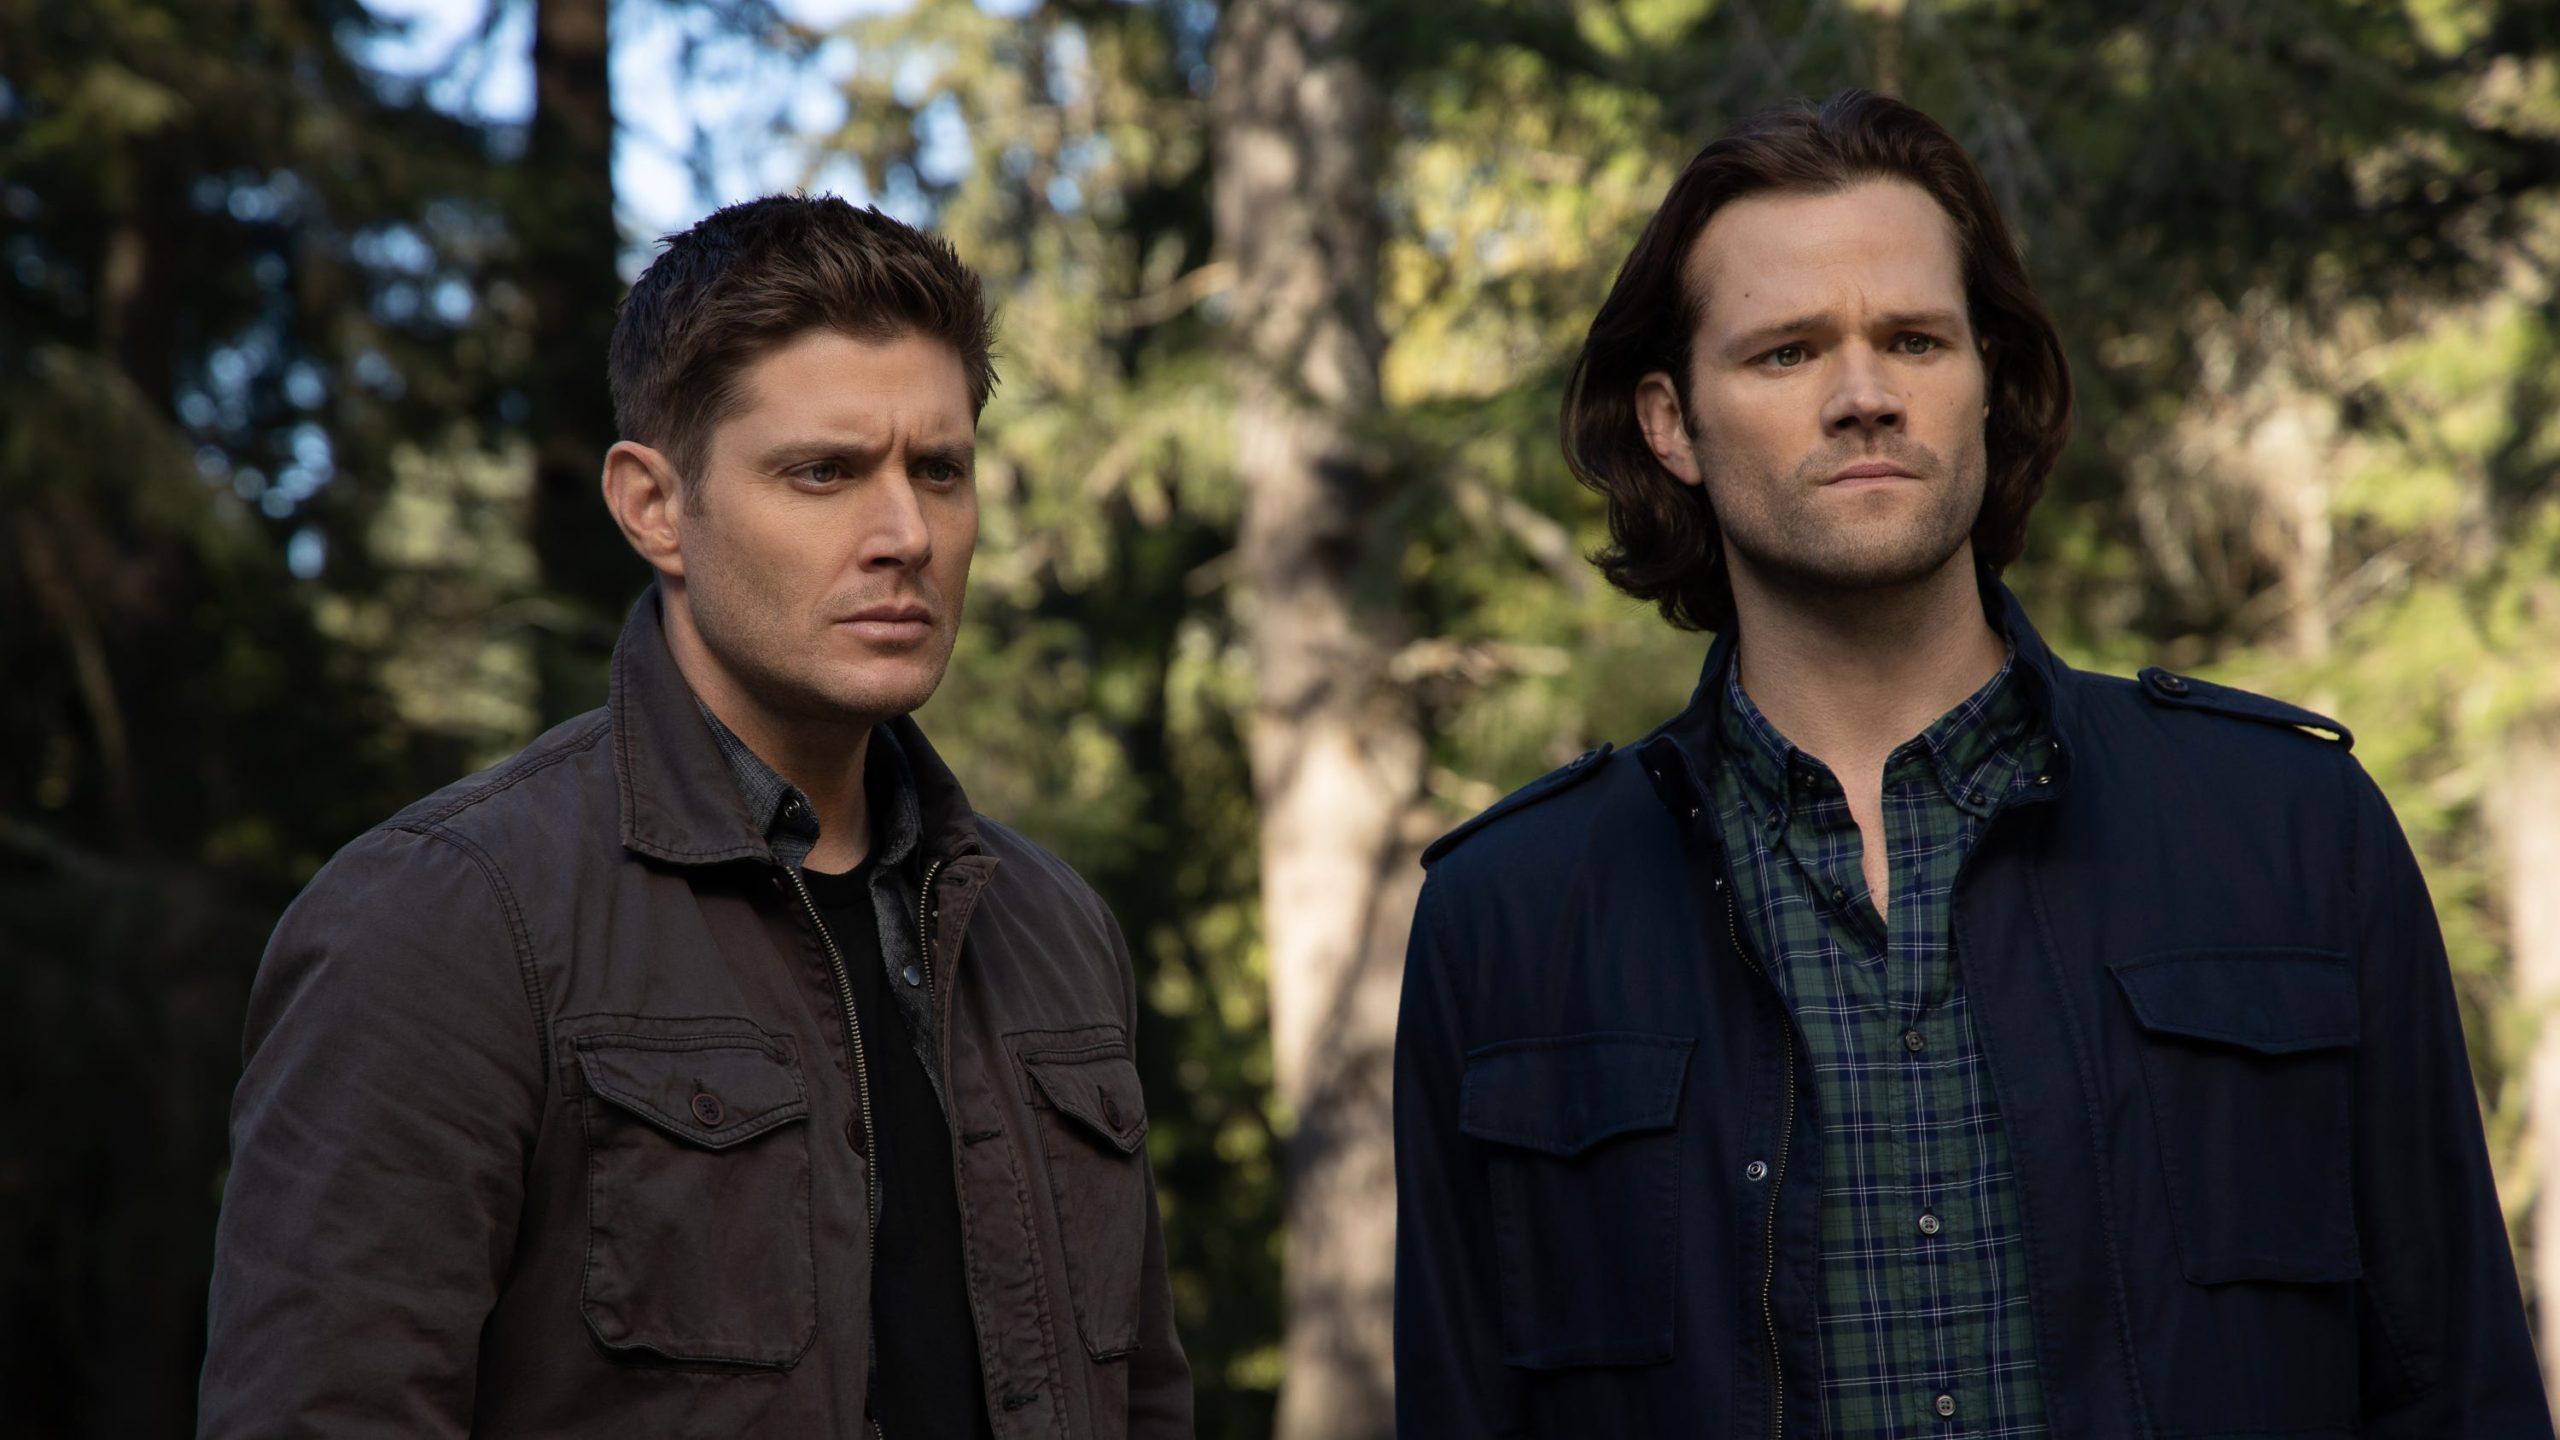 Sam e Dean estão enquadrados no centro da imagem do peito para cima. Dean, cabelos castanhos, está vestindo uma camiseta e uma jaqueta cinza por cima e Sam, cabelos castanhos e barba curta, está vestindo uma camisa xadrez e uma jaqueta azul marinho. Atrás deles de forma desfocada o cenário é totalmente composto por árvores.